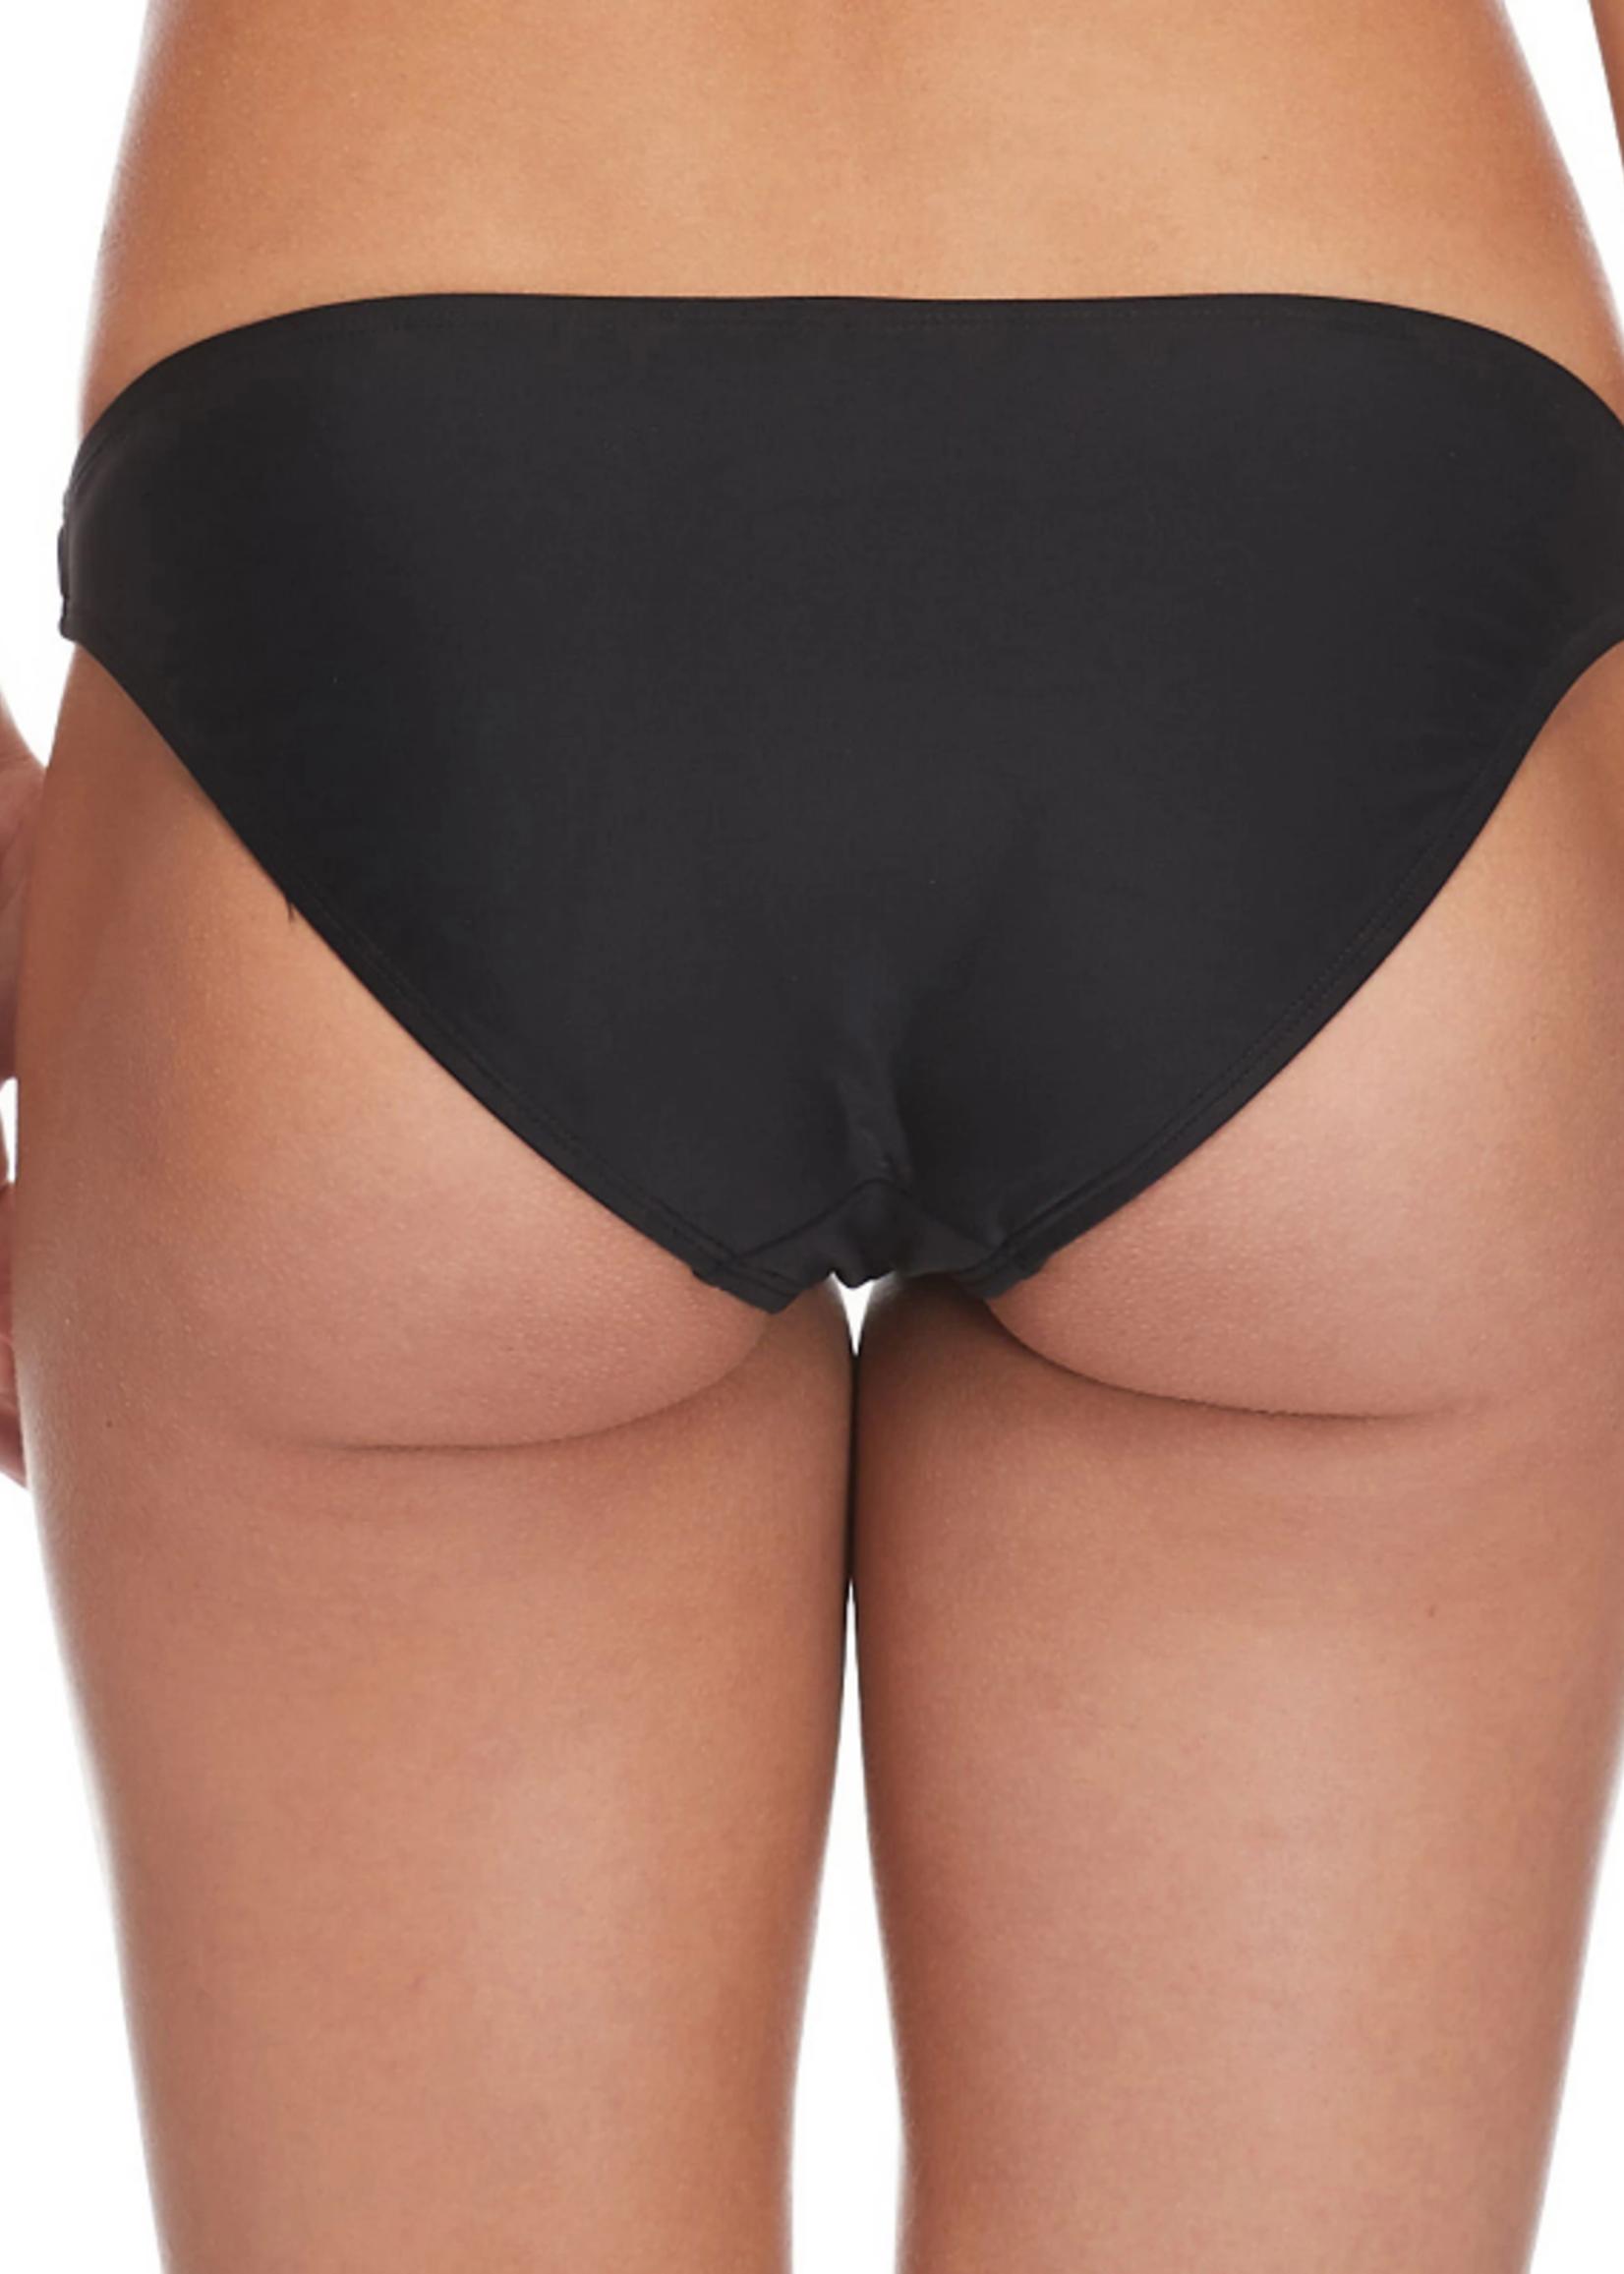 Body Glove Smoothies Bikini - Black